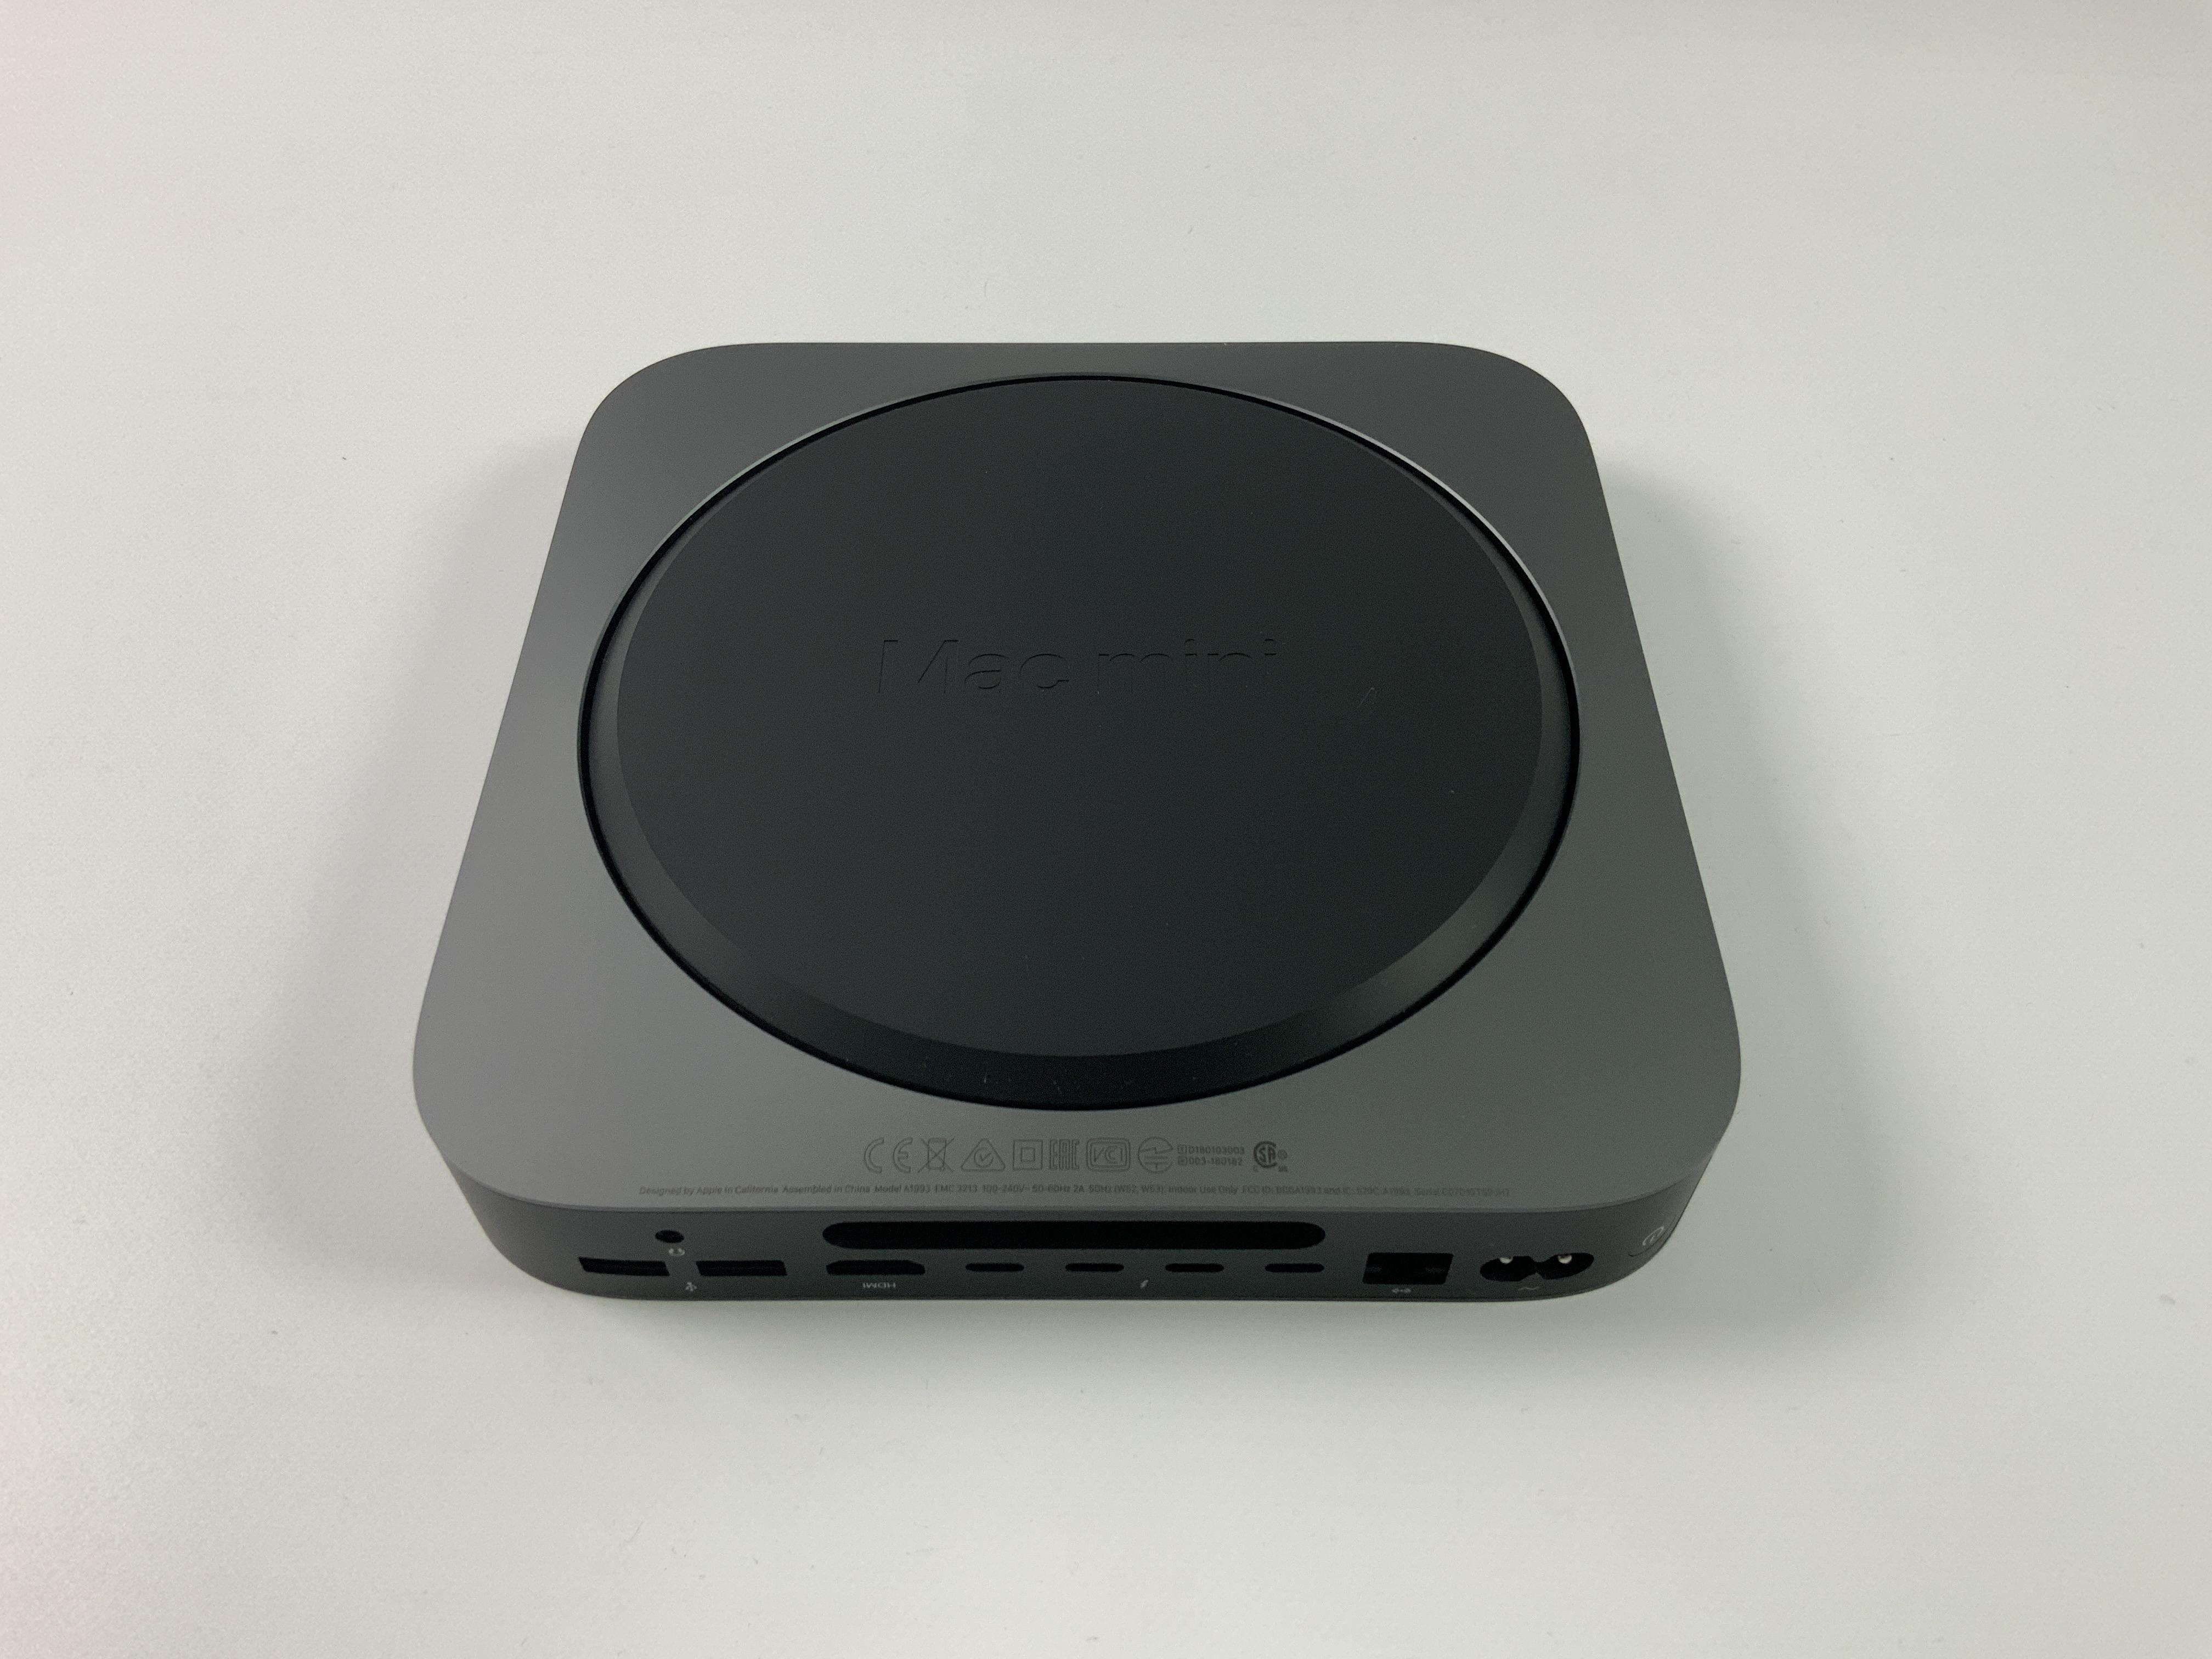 Mac Mini Late 2018 (Intel Quad-Core i3 3.6 GHz 32 GB RAM 256 GB SSD), Intel Quad-Core i3 3.6 GHz, 32 GB RAM, 256 GB SSD, image 2